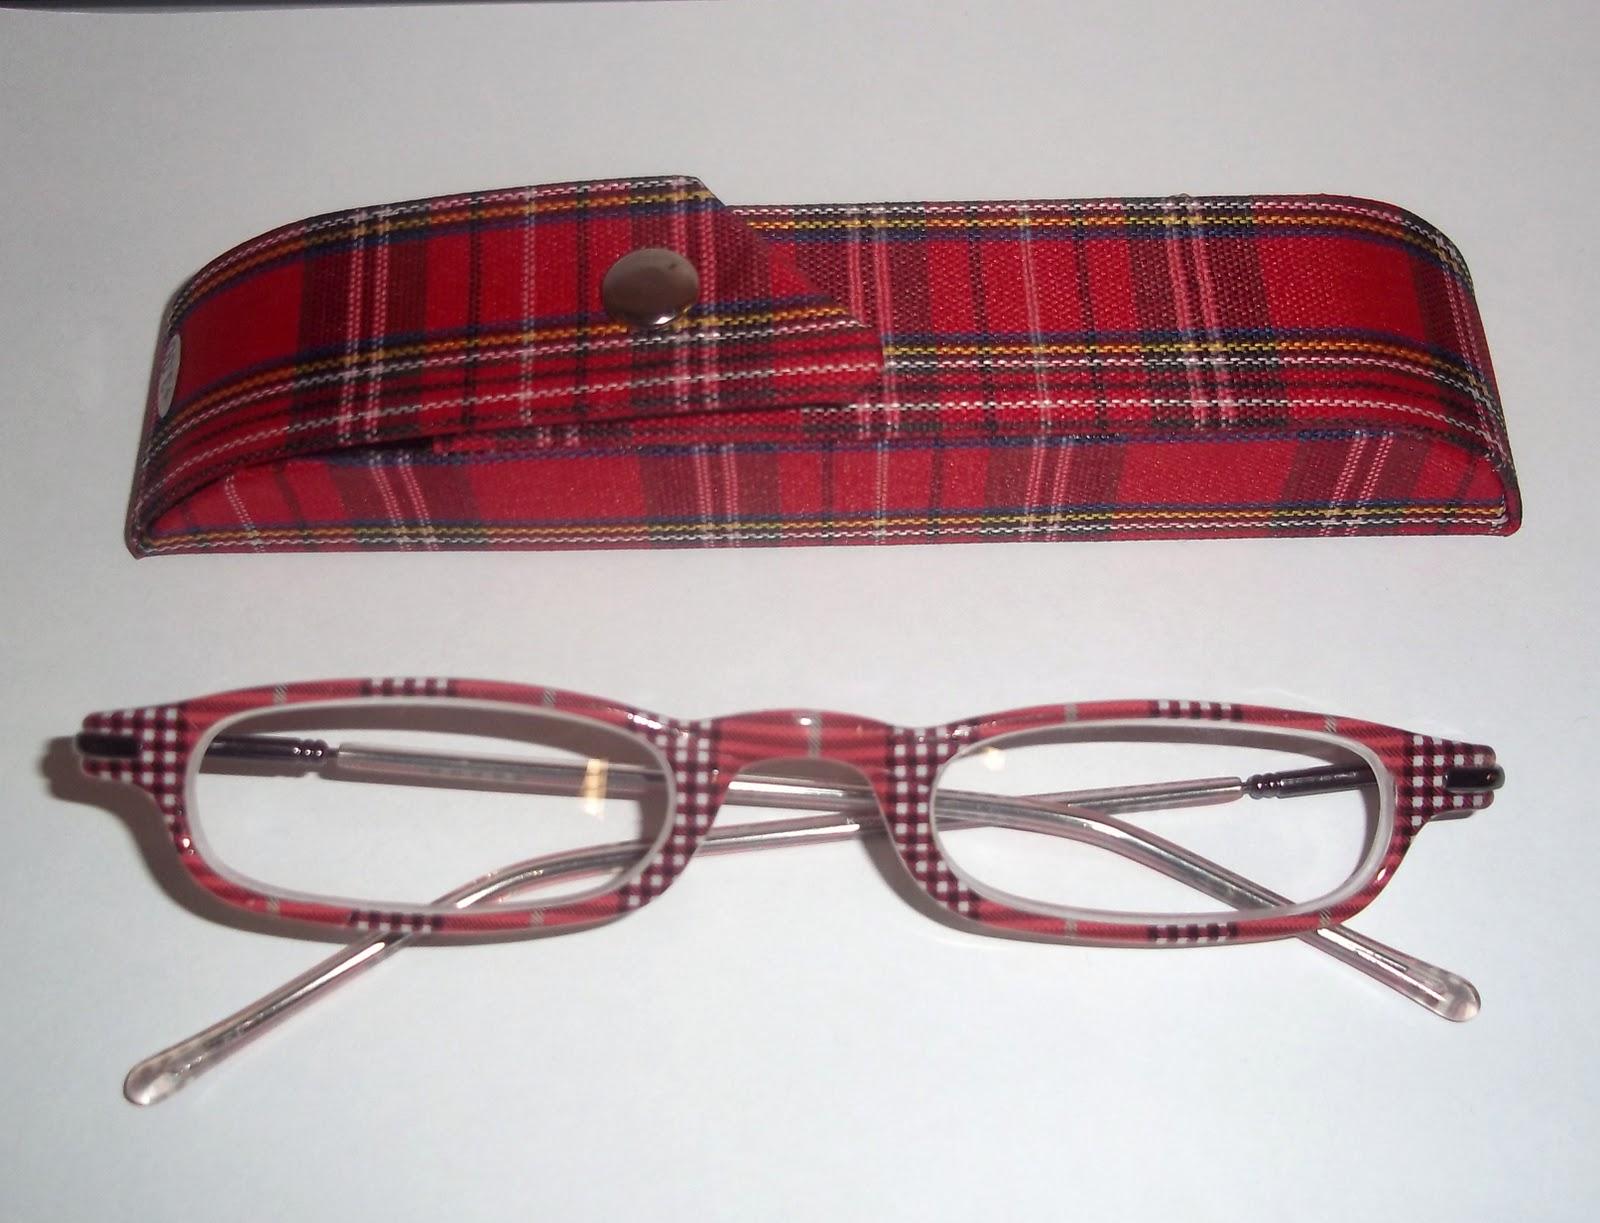 e9c9f62cee4b6 Óculos de Leitura  ÓCULOS DE LEITURA